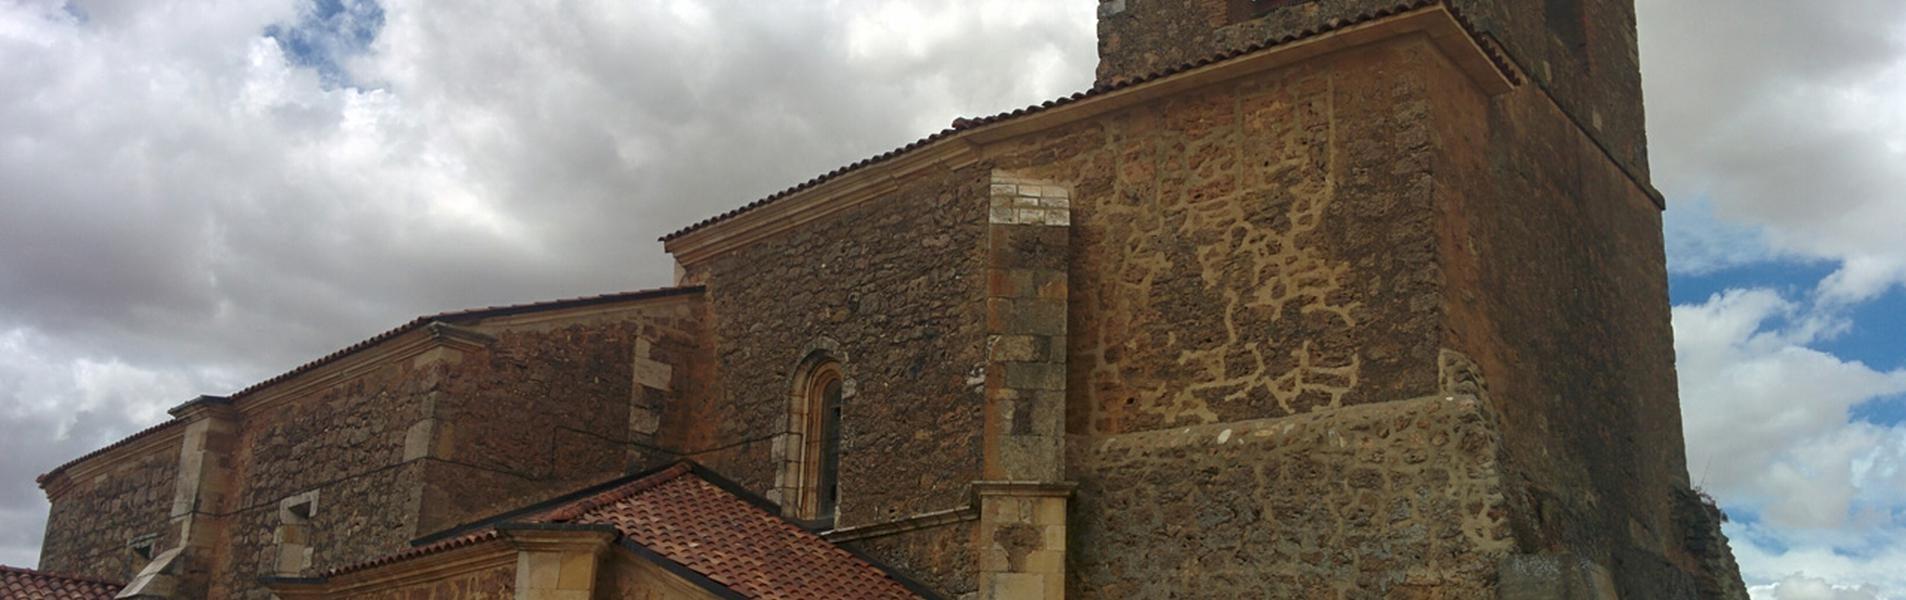 San Cristóbal de Boedo